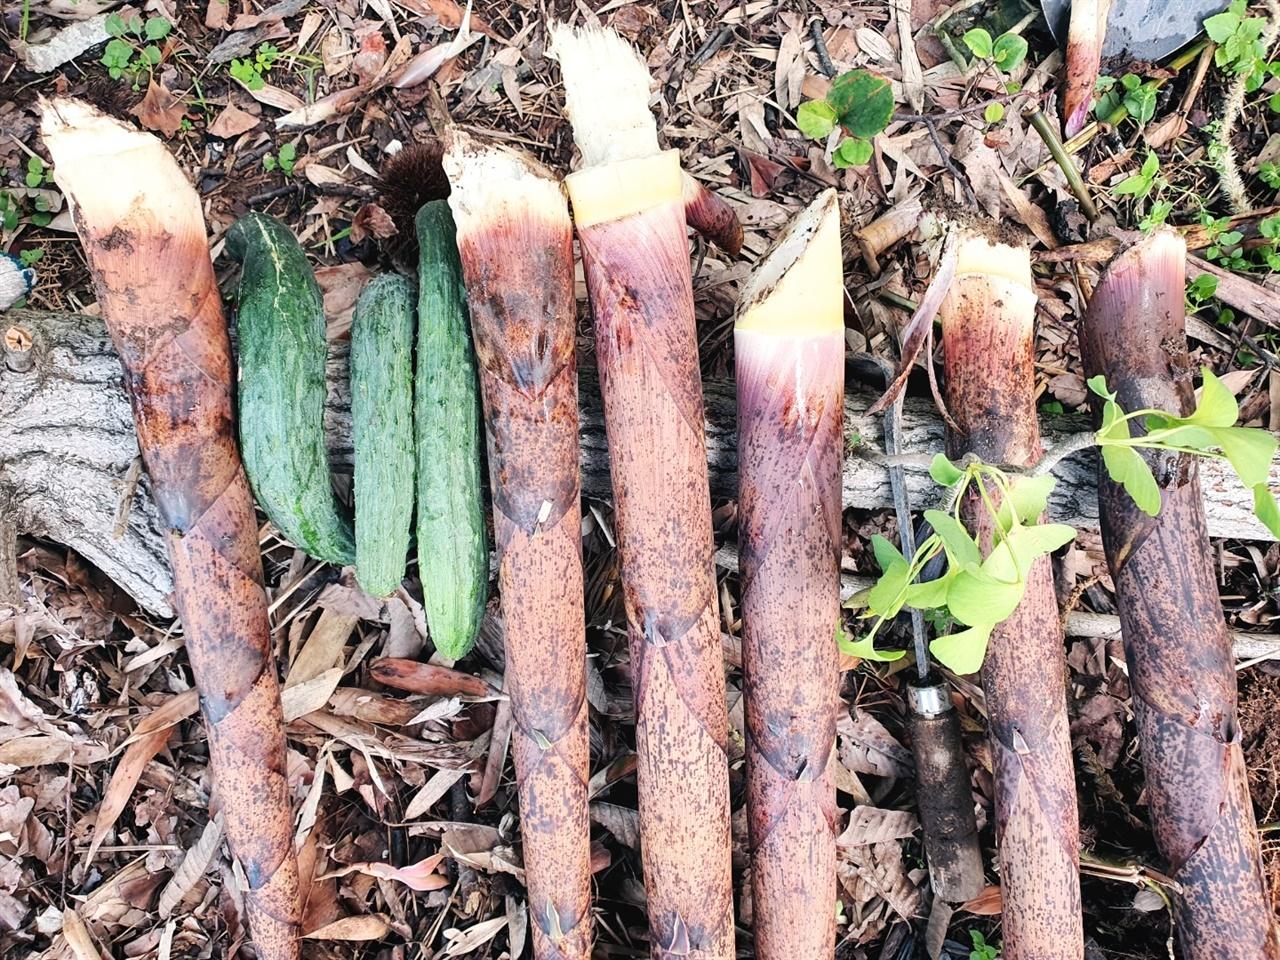 죽순을 수확한 모습 죽순을 수확해서 손질하기 전의 모습입니다. 껍질을 벗기면 뽀얀 죽순의 새살이 보입니다.